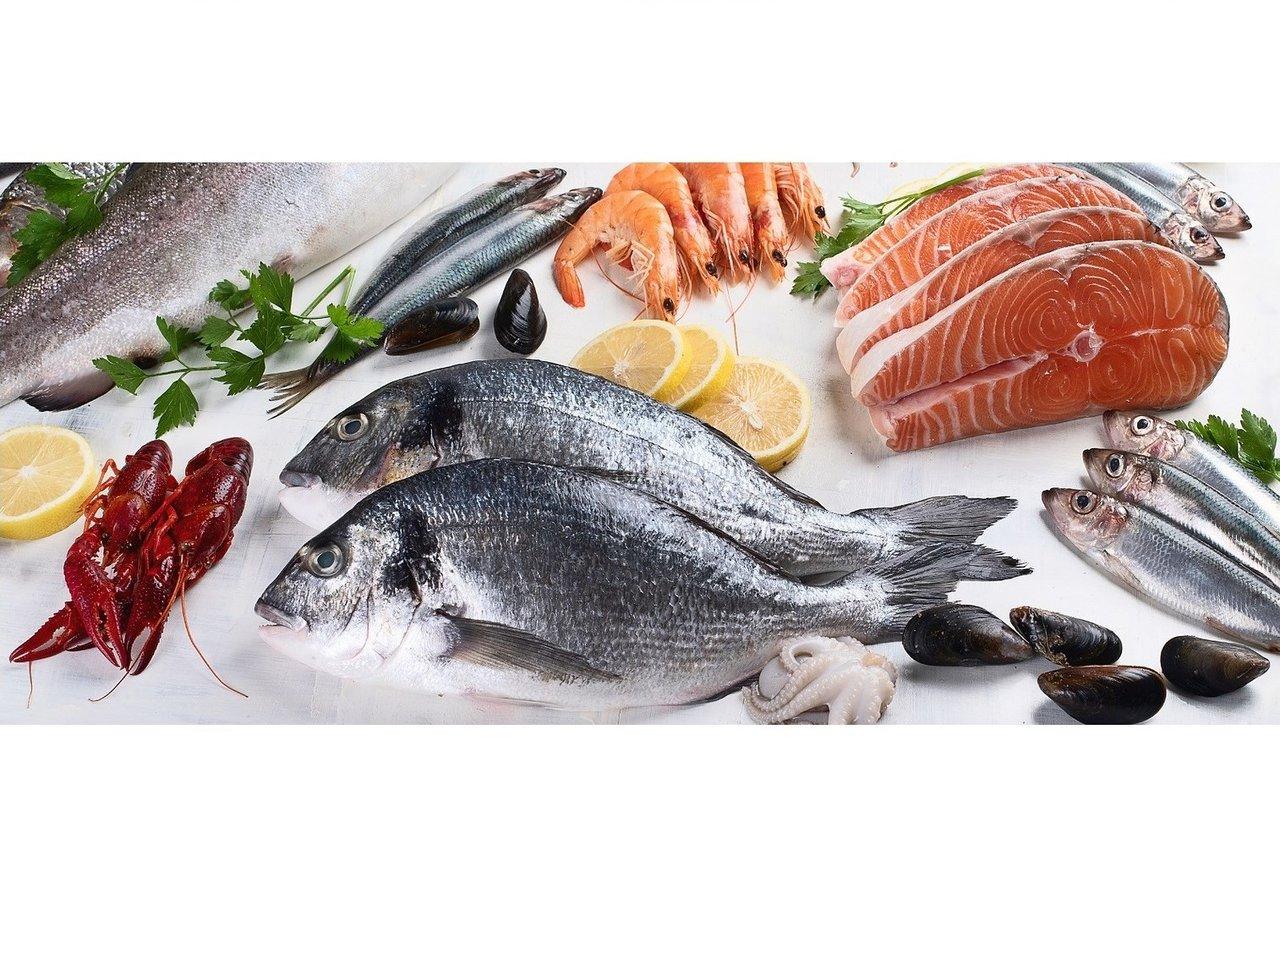 豊洲市場からバーベキュー場へ鮮魚直送サービス開始